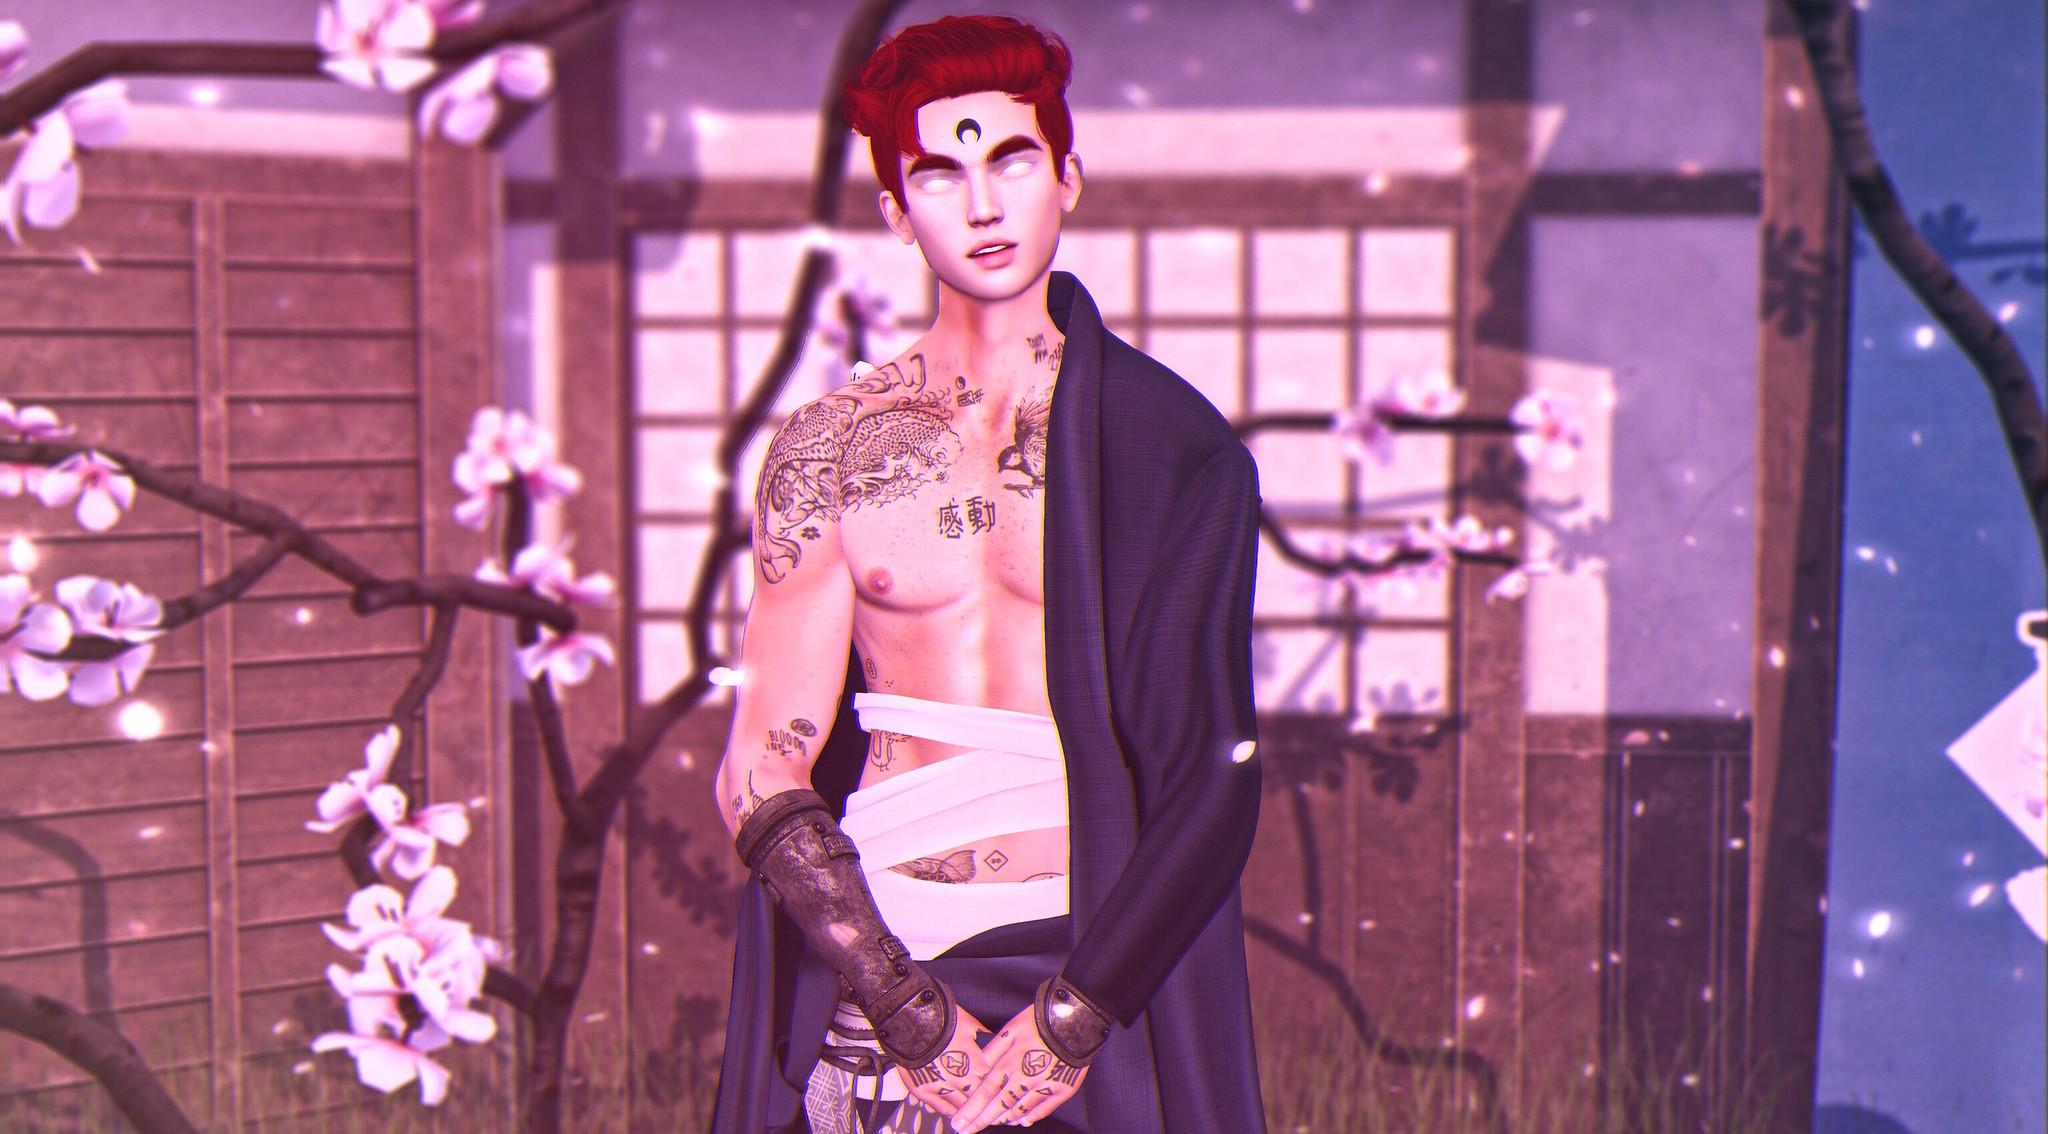 Sakura Prince